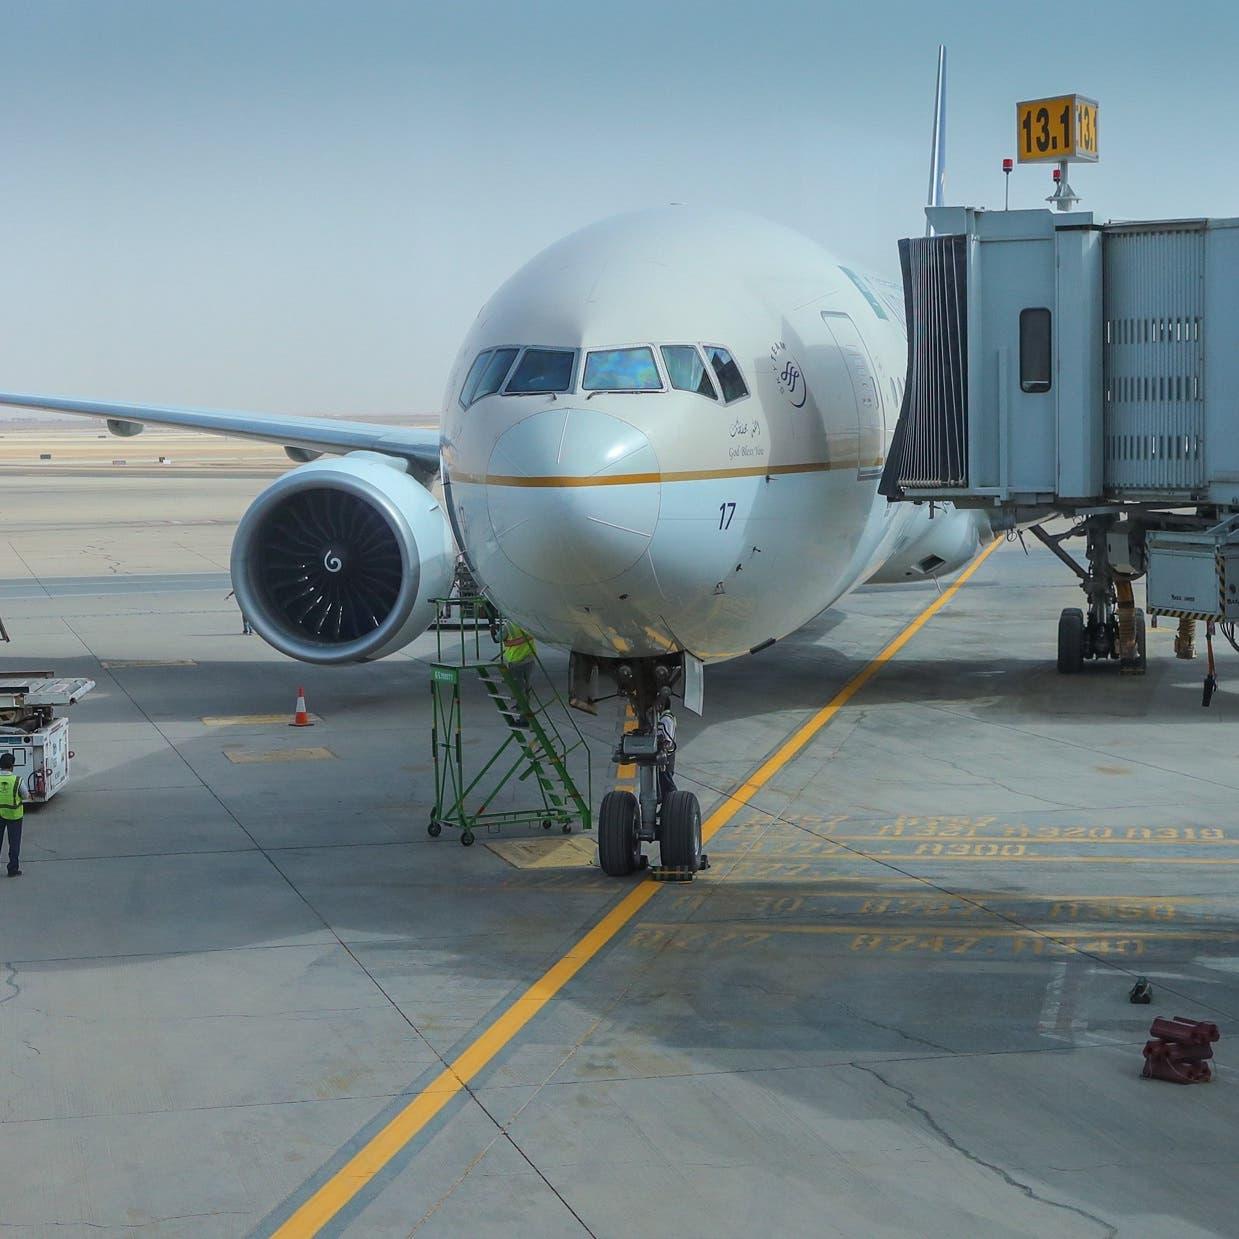 رويترز: شركة الطيران السعودية الجديدة تستهدف المسارات الدولية والترانزيت